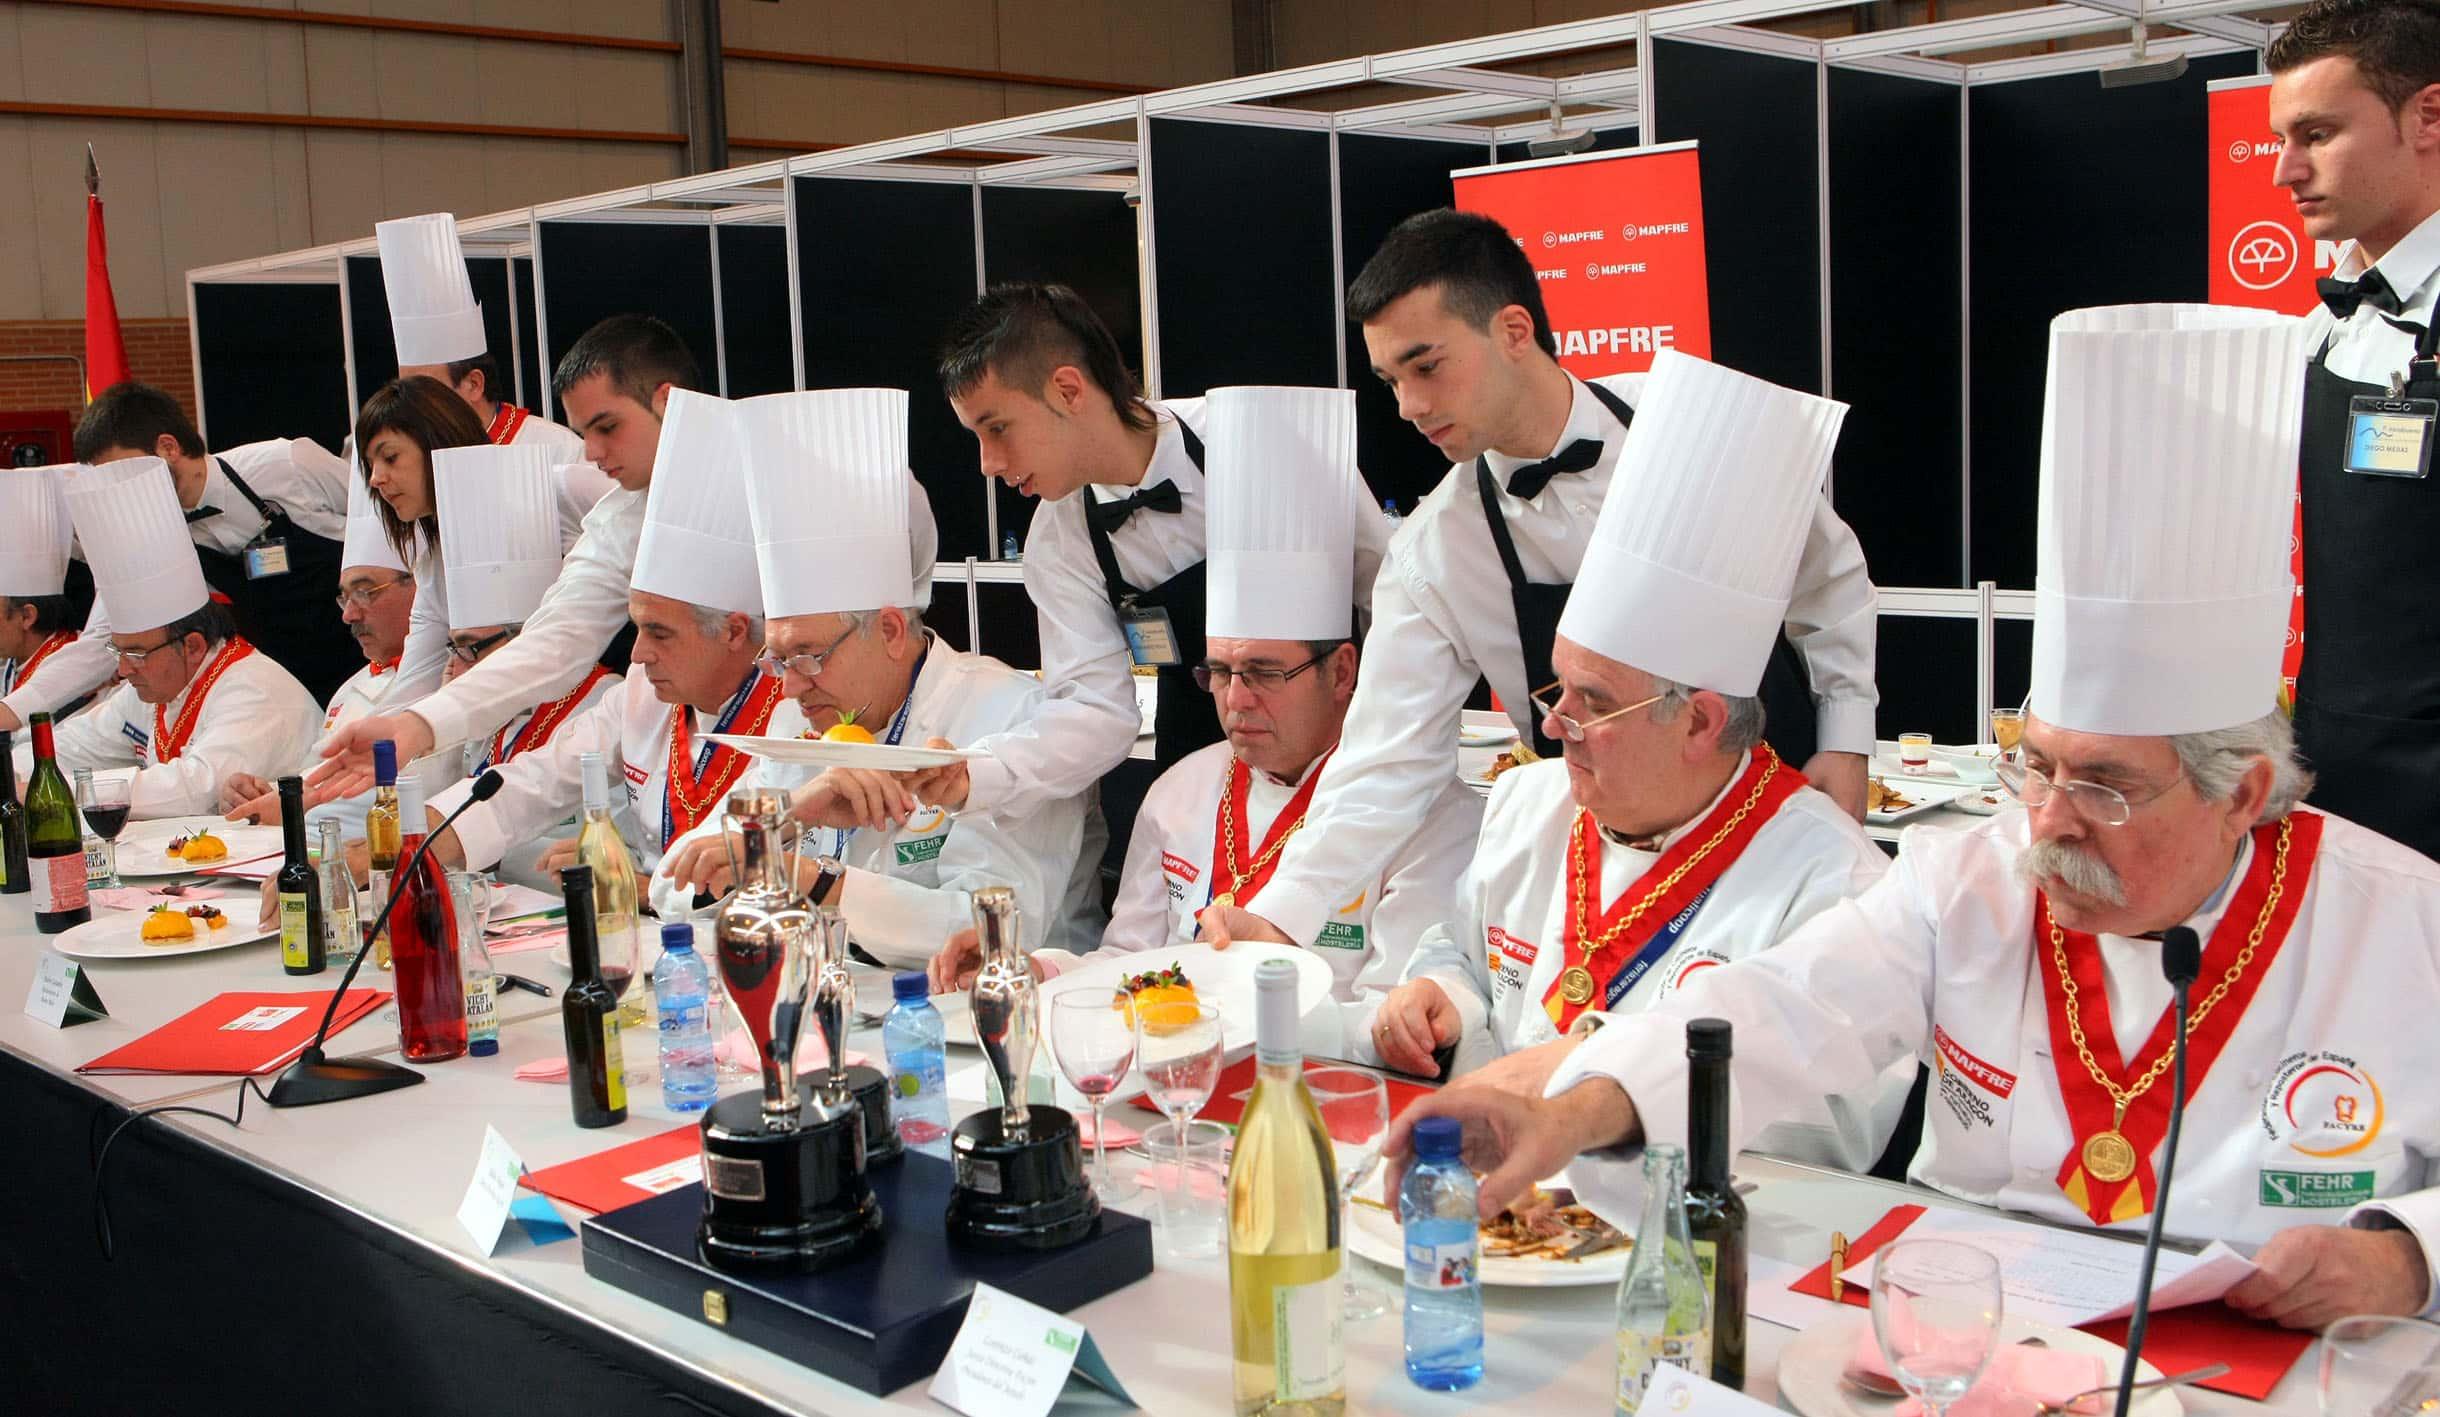 En este momento estás viendo Zaragoza fue una fiesta gastronómica en el 2009, sede del IX Cermanen Nacional de Gastronomía